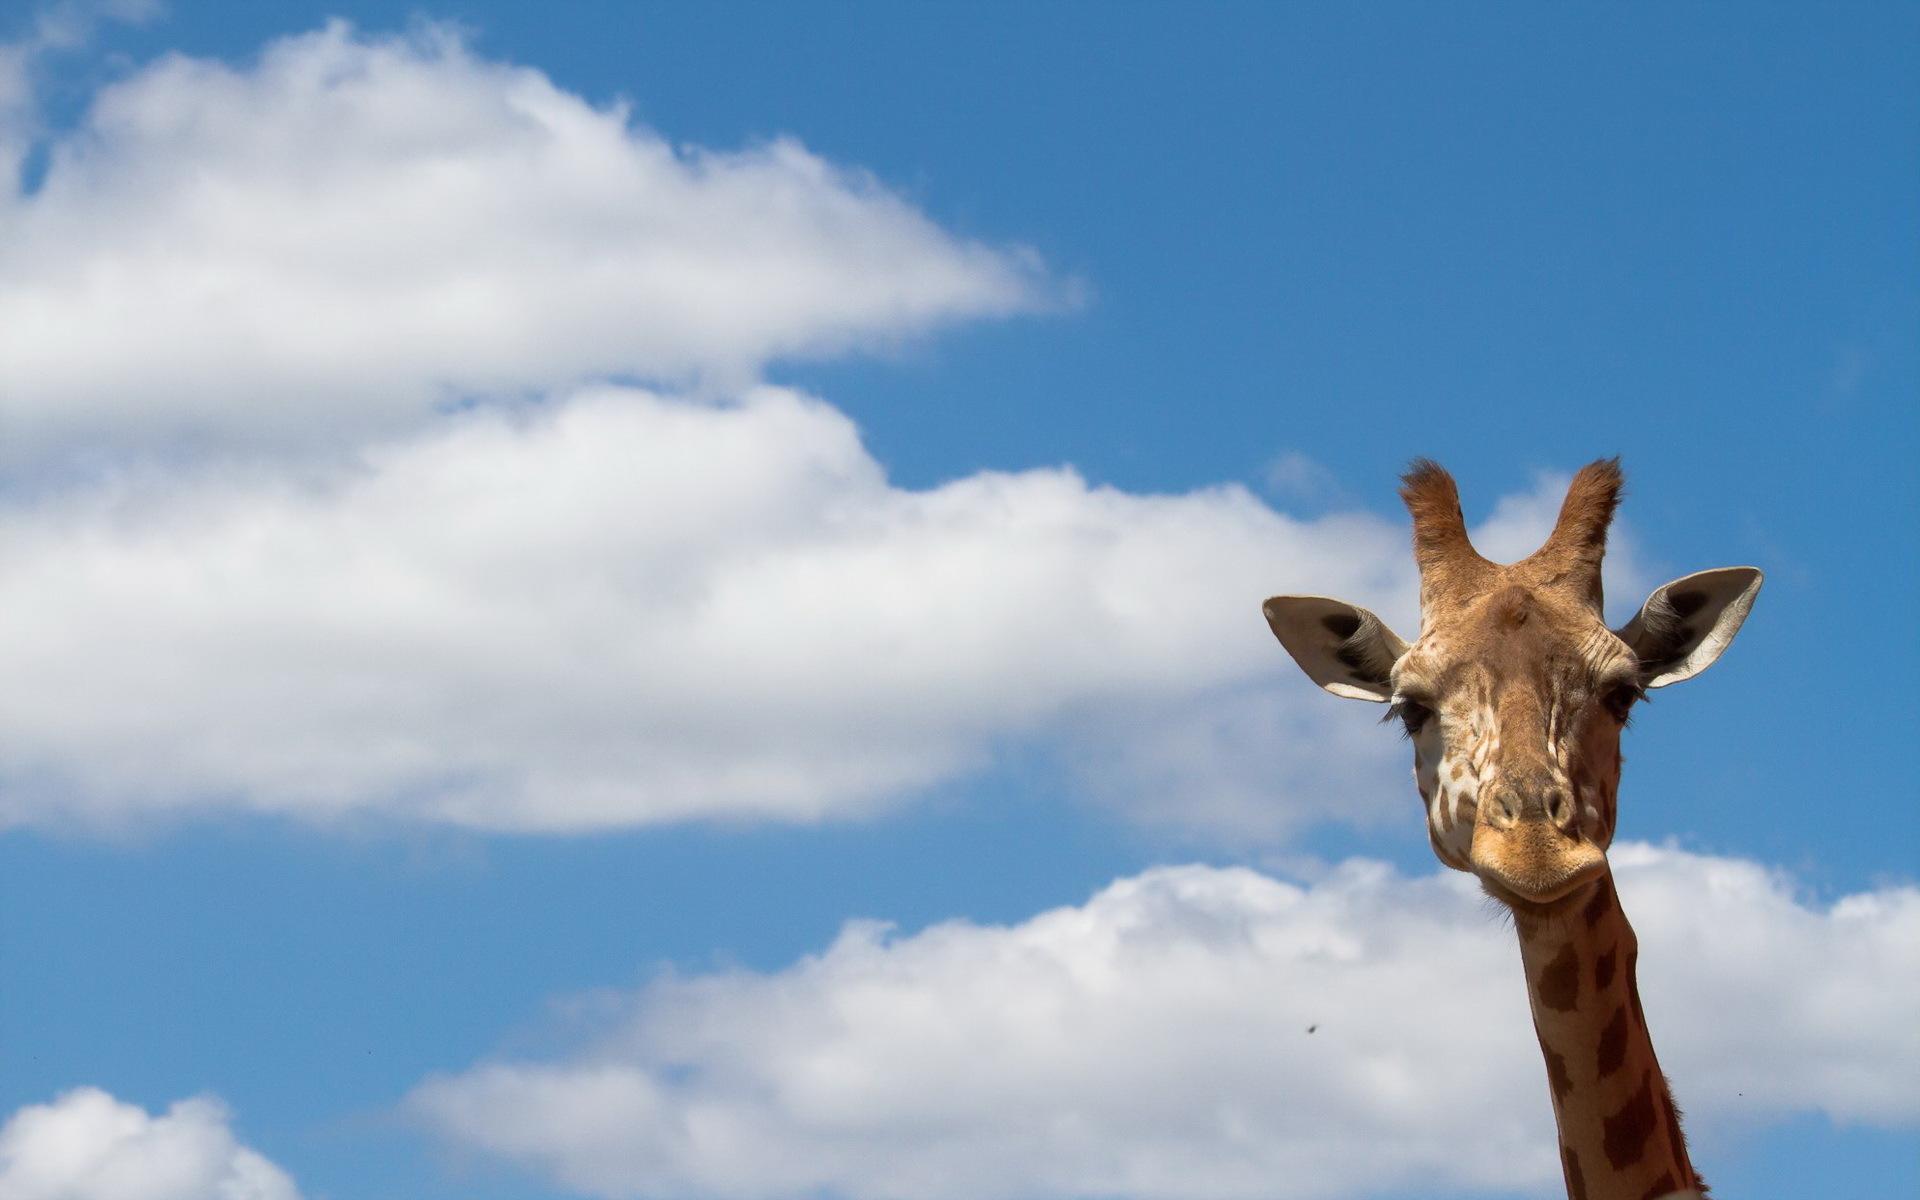 Жираф испугался  № 3895625 бесплатно